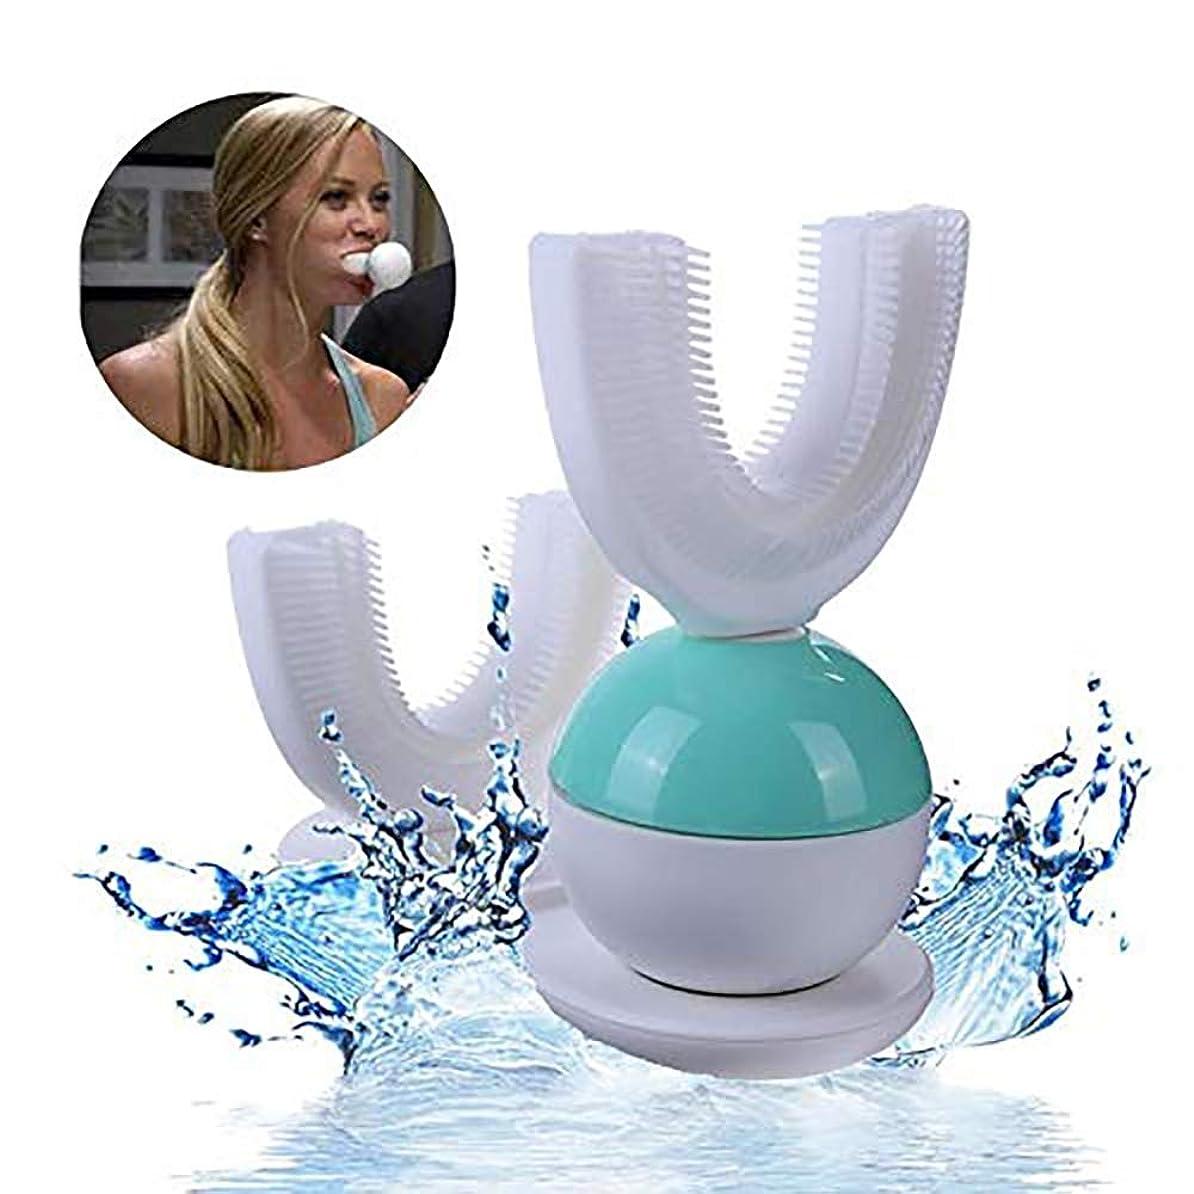 近代化流星同化する360°全自動 U 型口クリーン超音波電動歯ブラシ、ホワイトニング360電動ブラッシング超音波歯ブラシ怠惰な人々のために設計